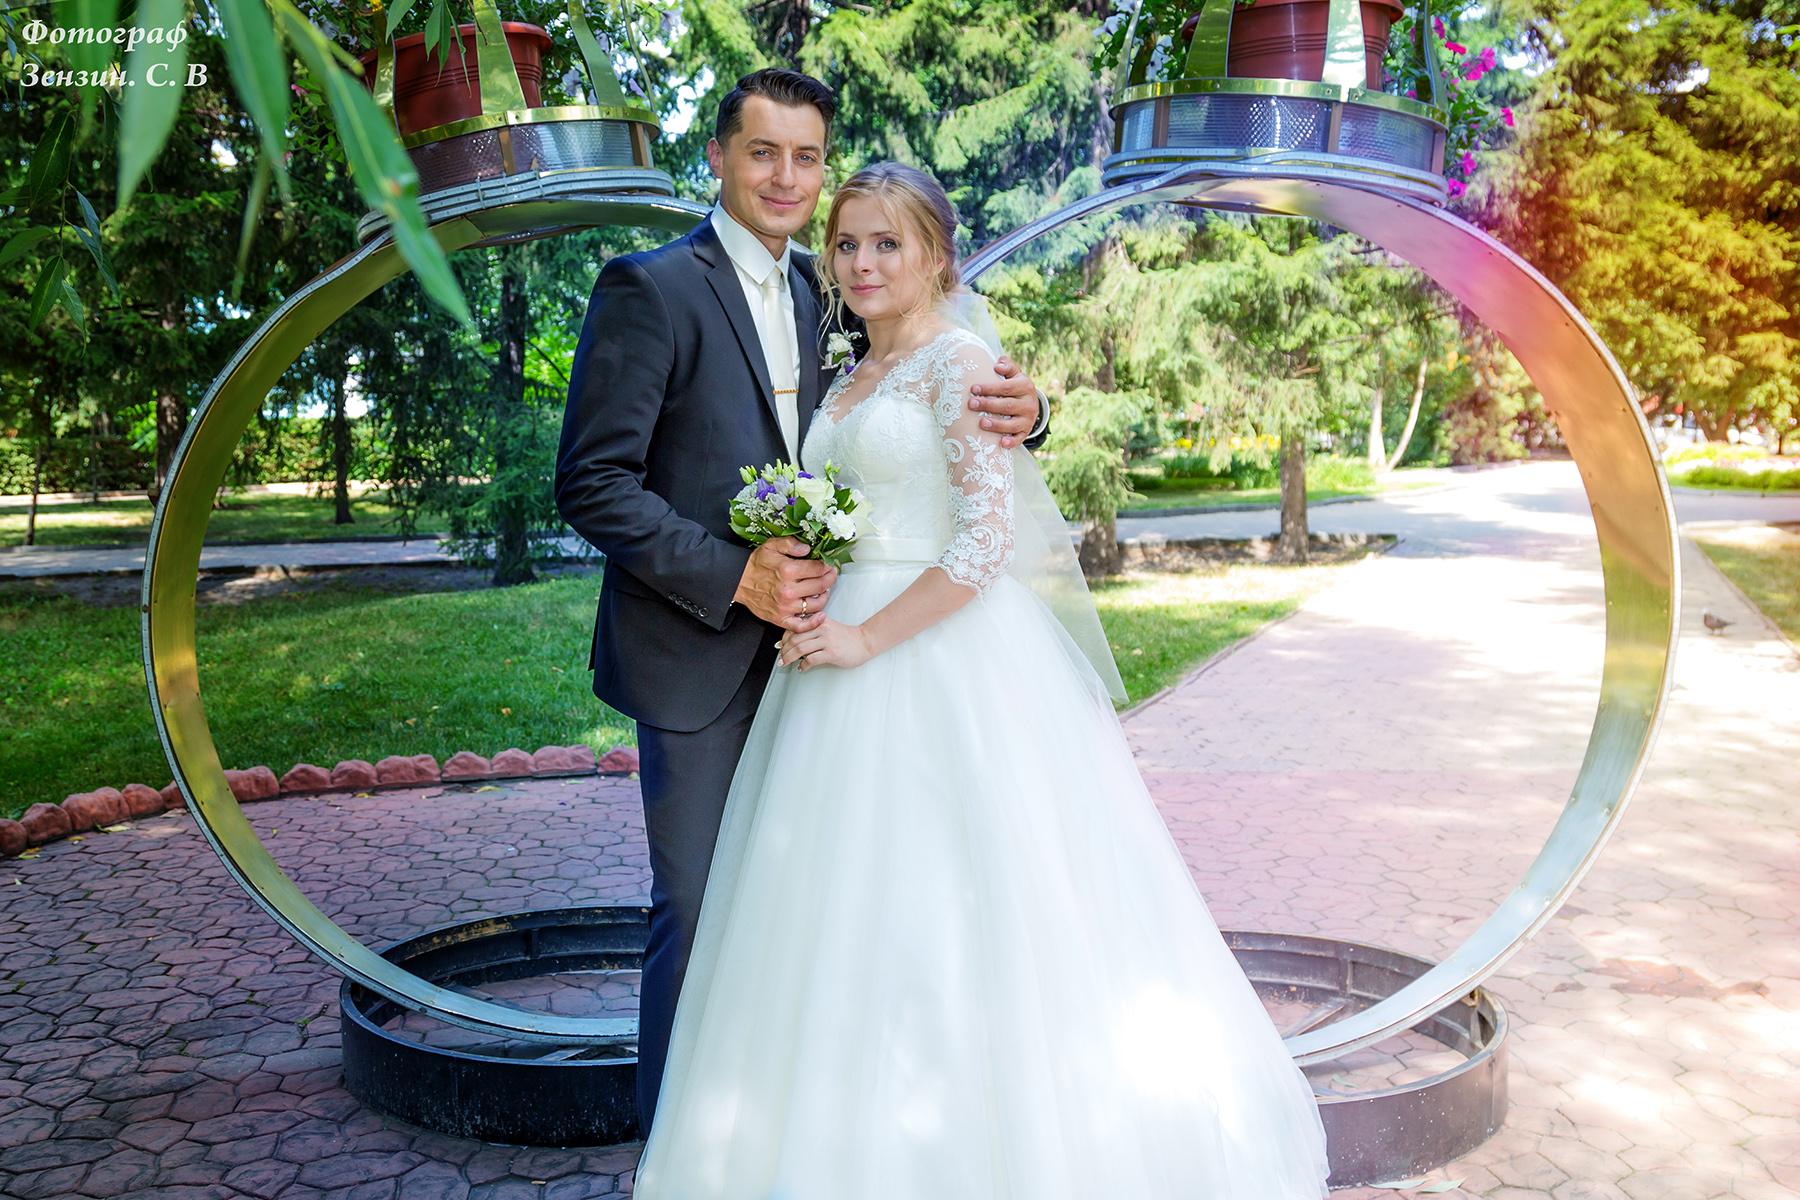 Барнаул Свадьба 03-08-2019 Виктория + Ва